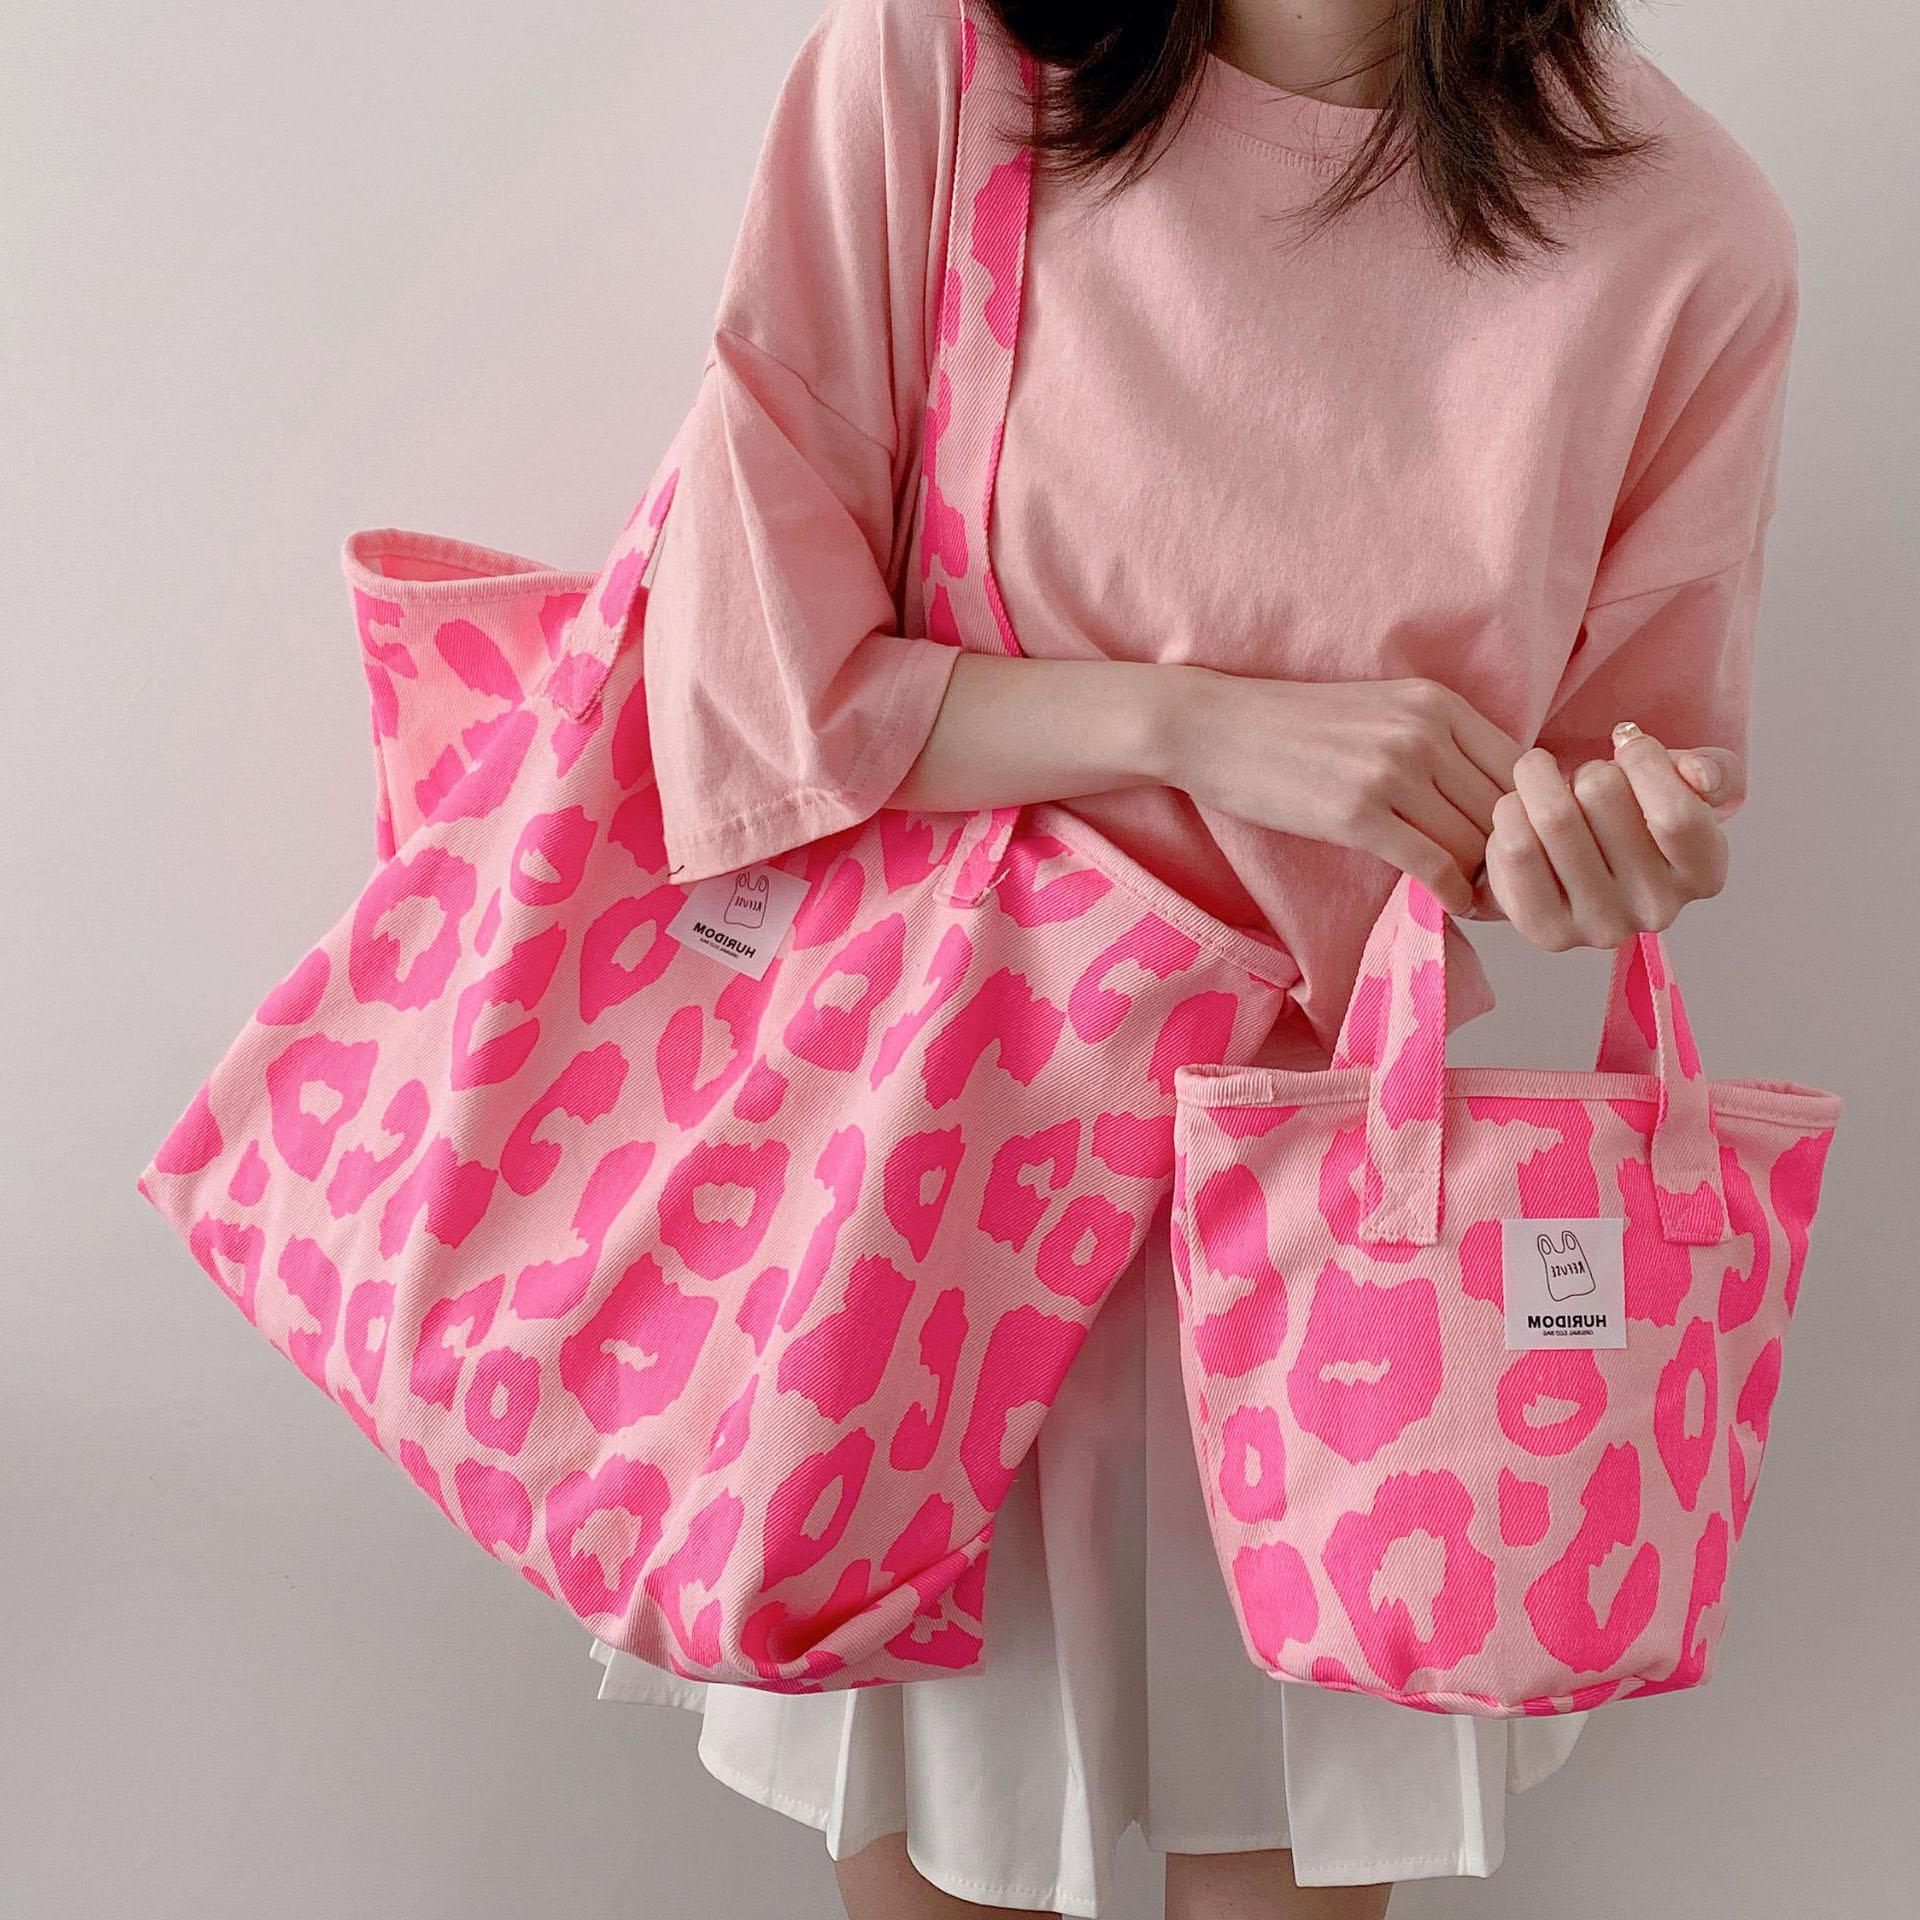 粉红色水桶包 粉红色豹纹包大容量帆布单肩手提包女水桶包2021新款休闲托特包袋_推荐淘宝好看的粉红色水桶包